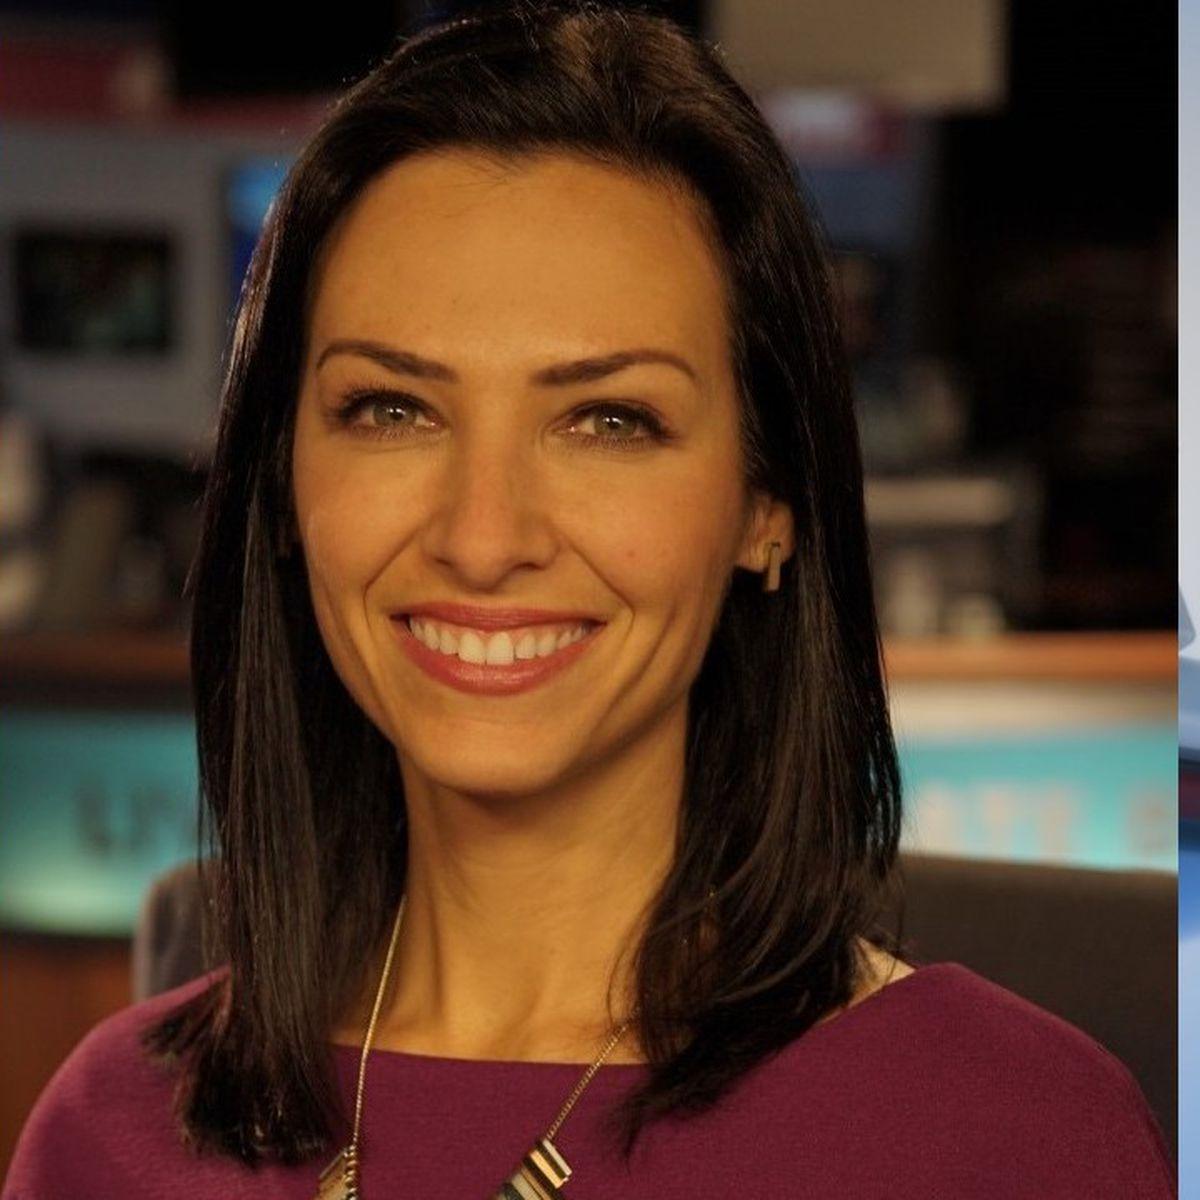 Meet WMBF's new morning anchor Loren Korn